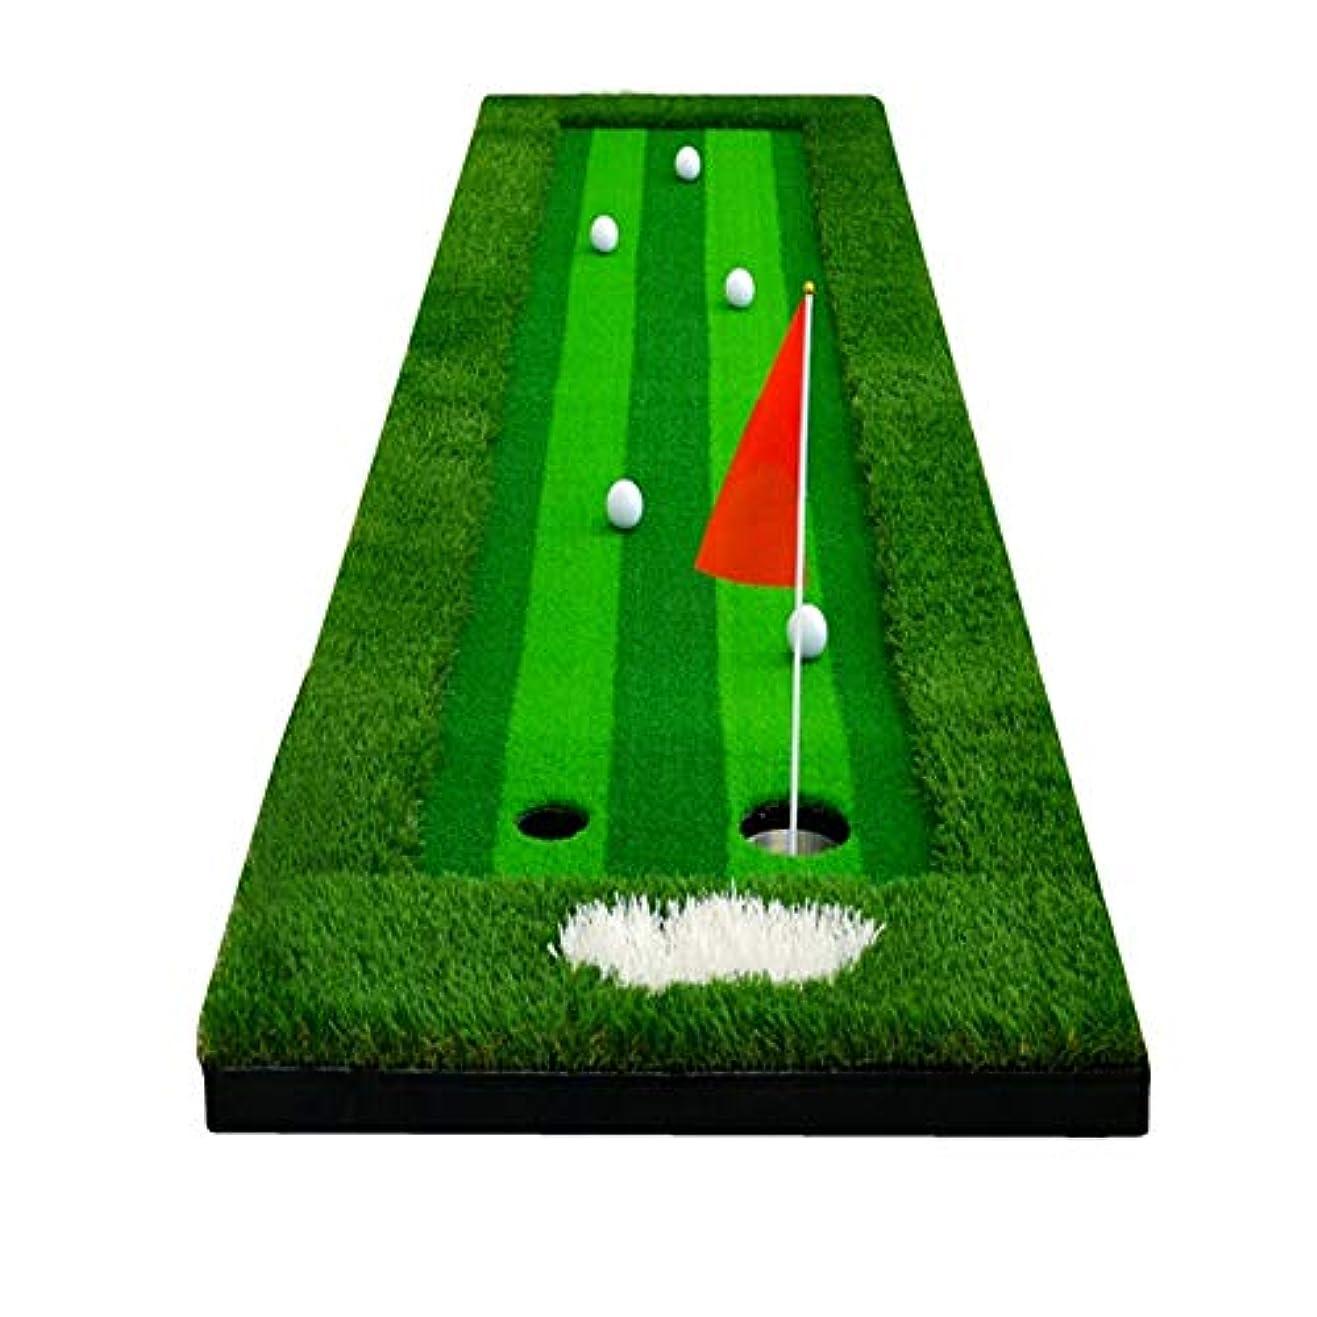 ラップトップバーゲン文献CHSY ゴルフ練習キットパター練習ブランケットゴルフ打撃マットシミュレーション4色ロンググラス ショット用マット